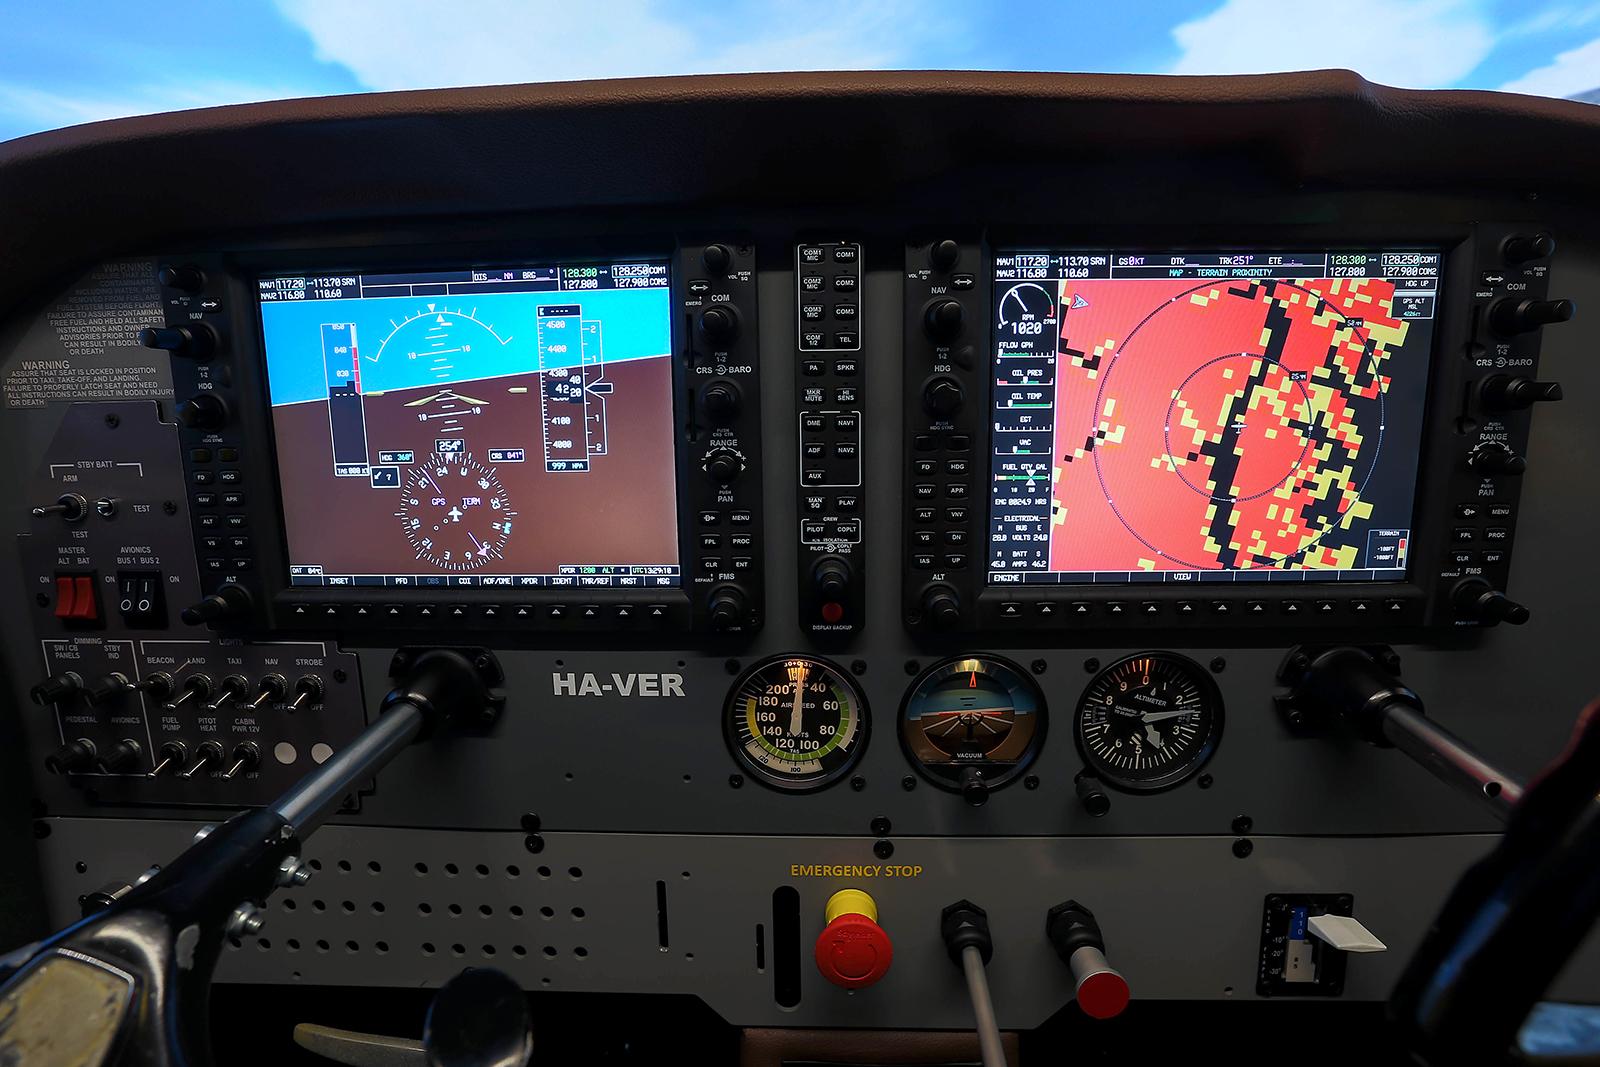 Sok igazi magyarországi Cessna-tulaj megirigyelne egy ilyen high-tech Garmin1000-es műszerfalat az analóg műszerek helyett. | © AIRportal.hu